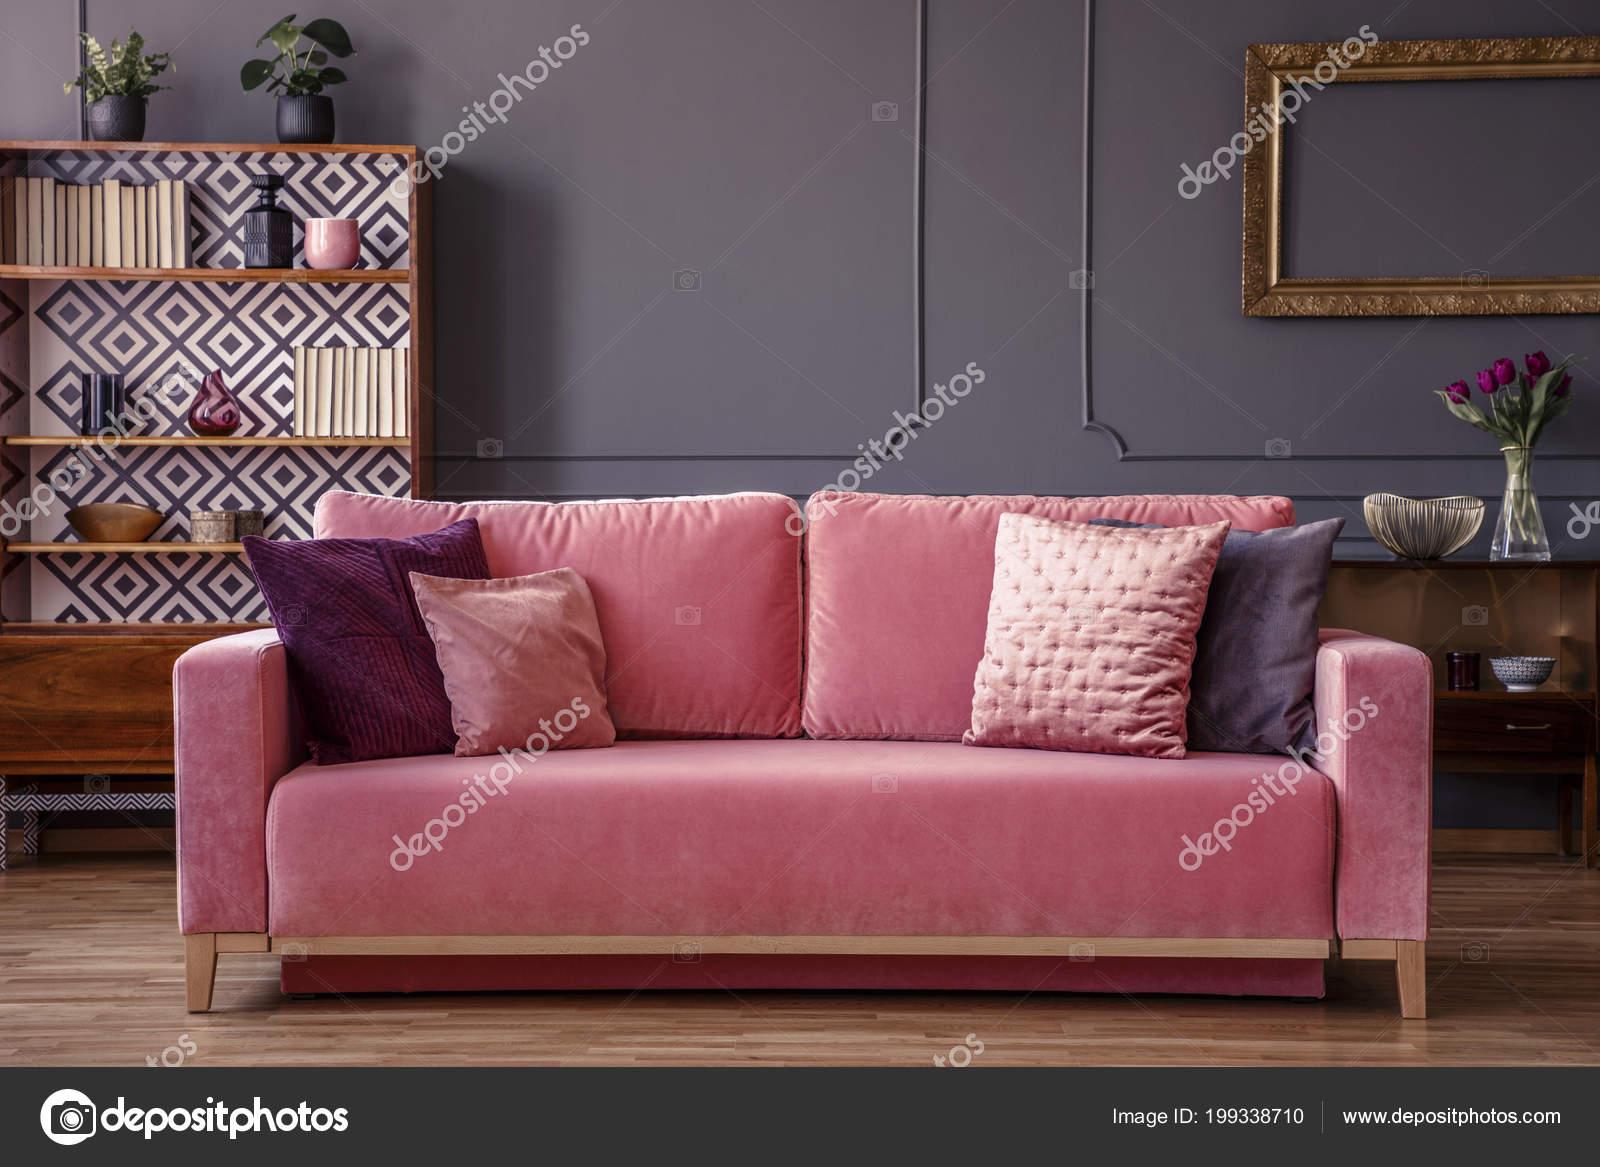 Rosa Samt Couch Mit Dekorativen Kissen Grau Wohnzimmer Interieur Mit ...